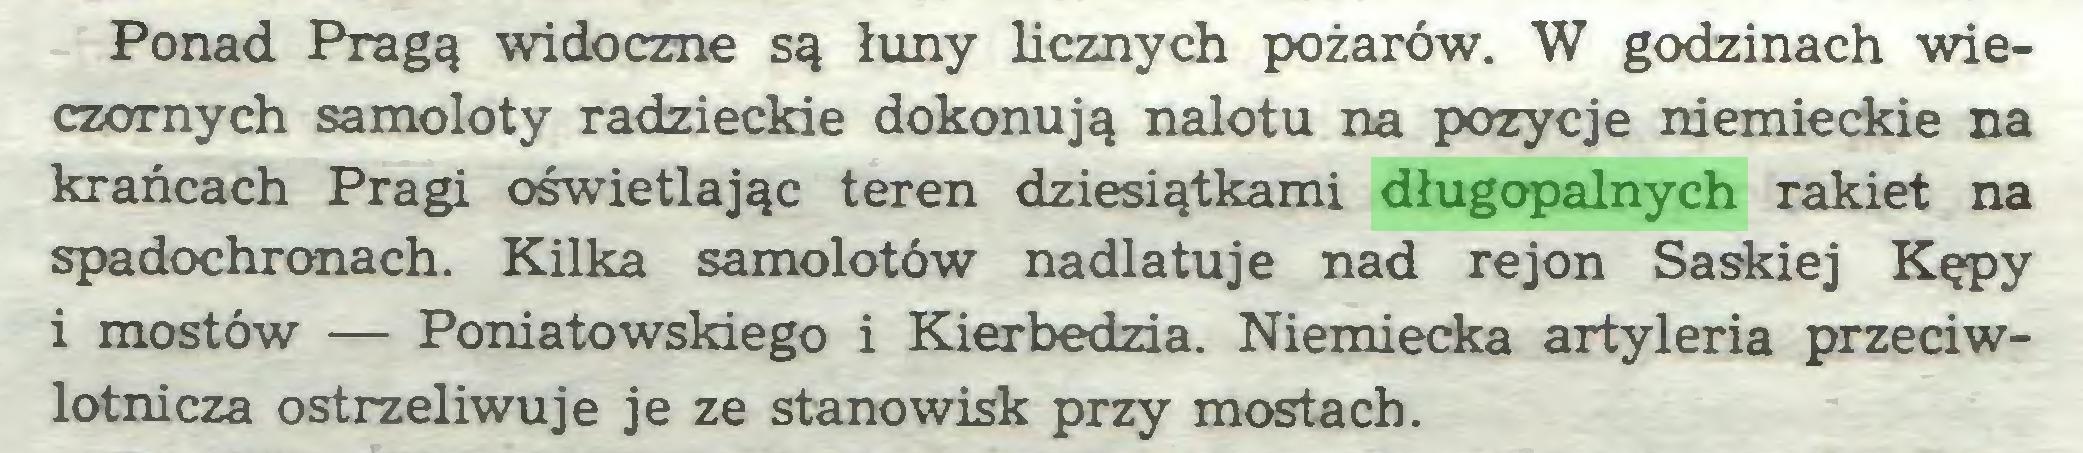 (...) Ponad Pragą widoczne są łuny licznych pożarów. W godzinach wieczornych samoloty radzieckie dokonują nalotu na pozycje niemieckie na krańcach Pragi oświetlając teren dziesiątkami długopalnych rakiet na spadochronach. Kilka samolotów nadlatuje nad rejon Saskiej Kępy i mostów — Poniatowskiego i Kierbedzia. Niemiecka artyleria przeciwlotnicza ostrzeliwuje je ze stanowisk przy mostach...